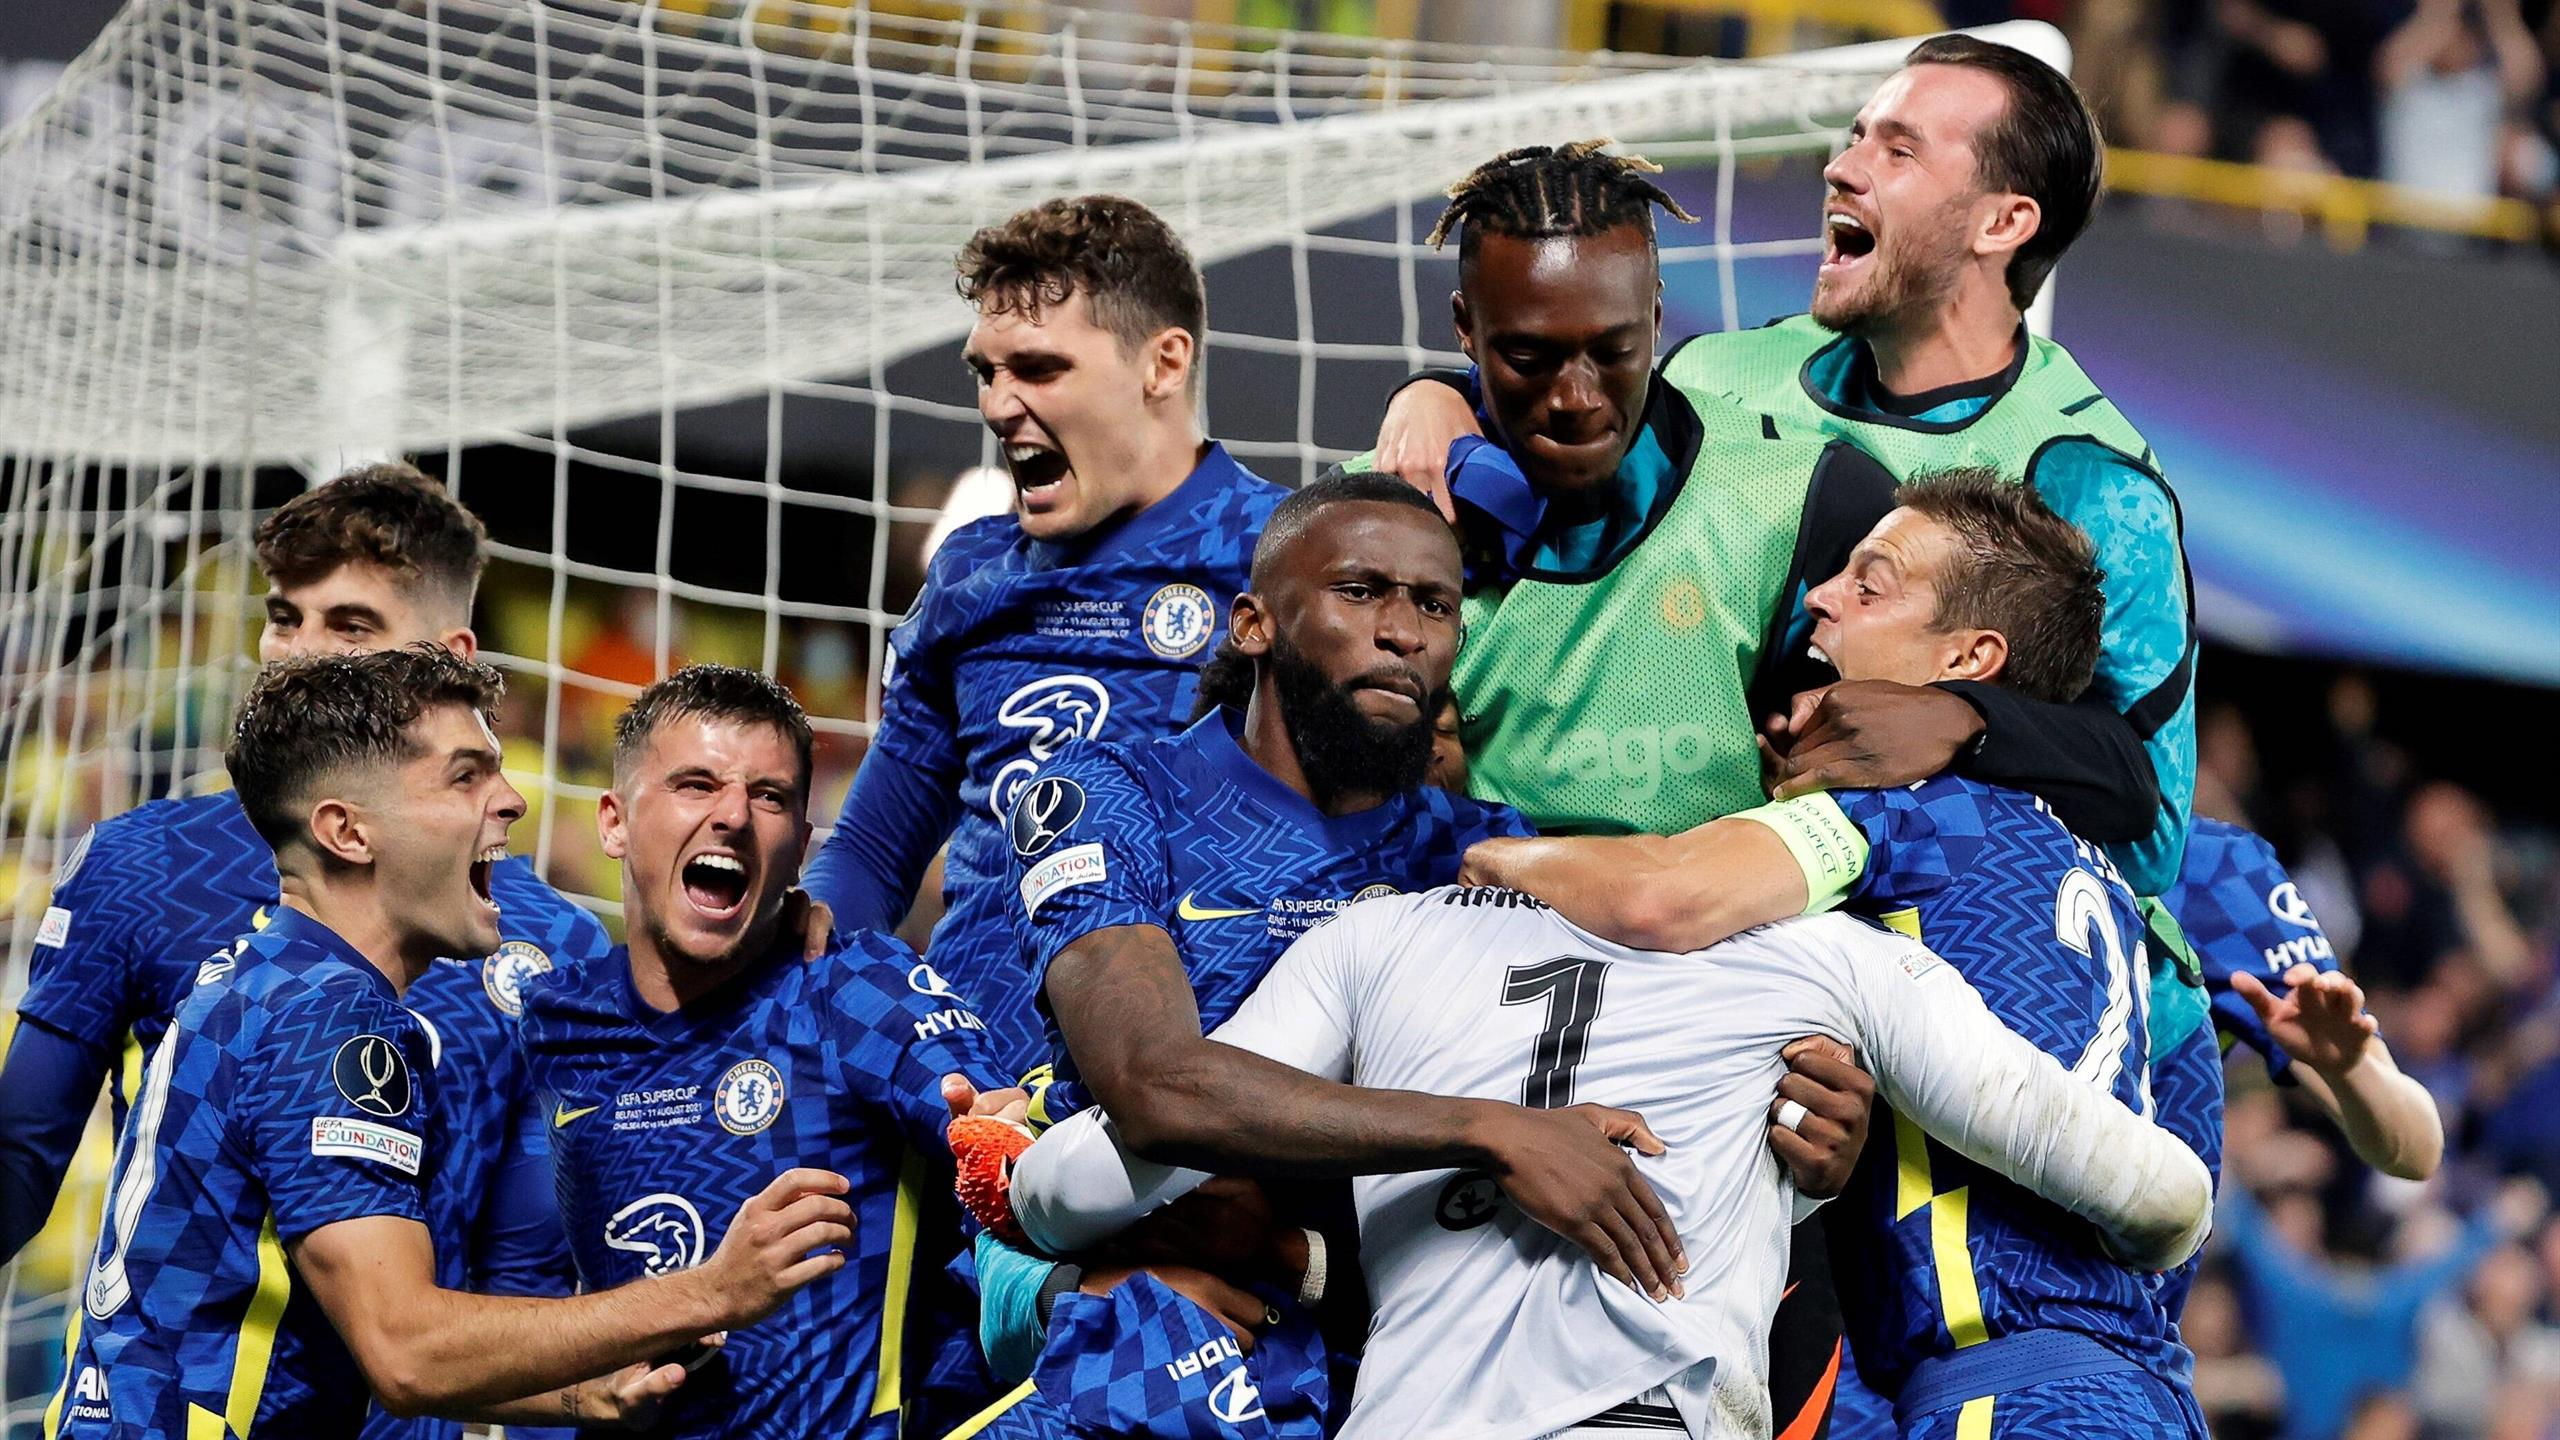 European Super Cup, Chelsea-Villarreal (1-1, 6-5 bounce) – Tuchel made a Van Gaal: Mendy and Kepa, heroes in their own way